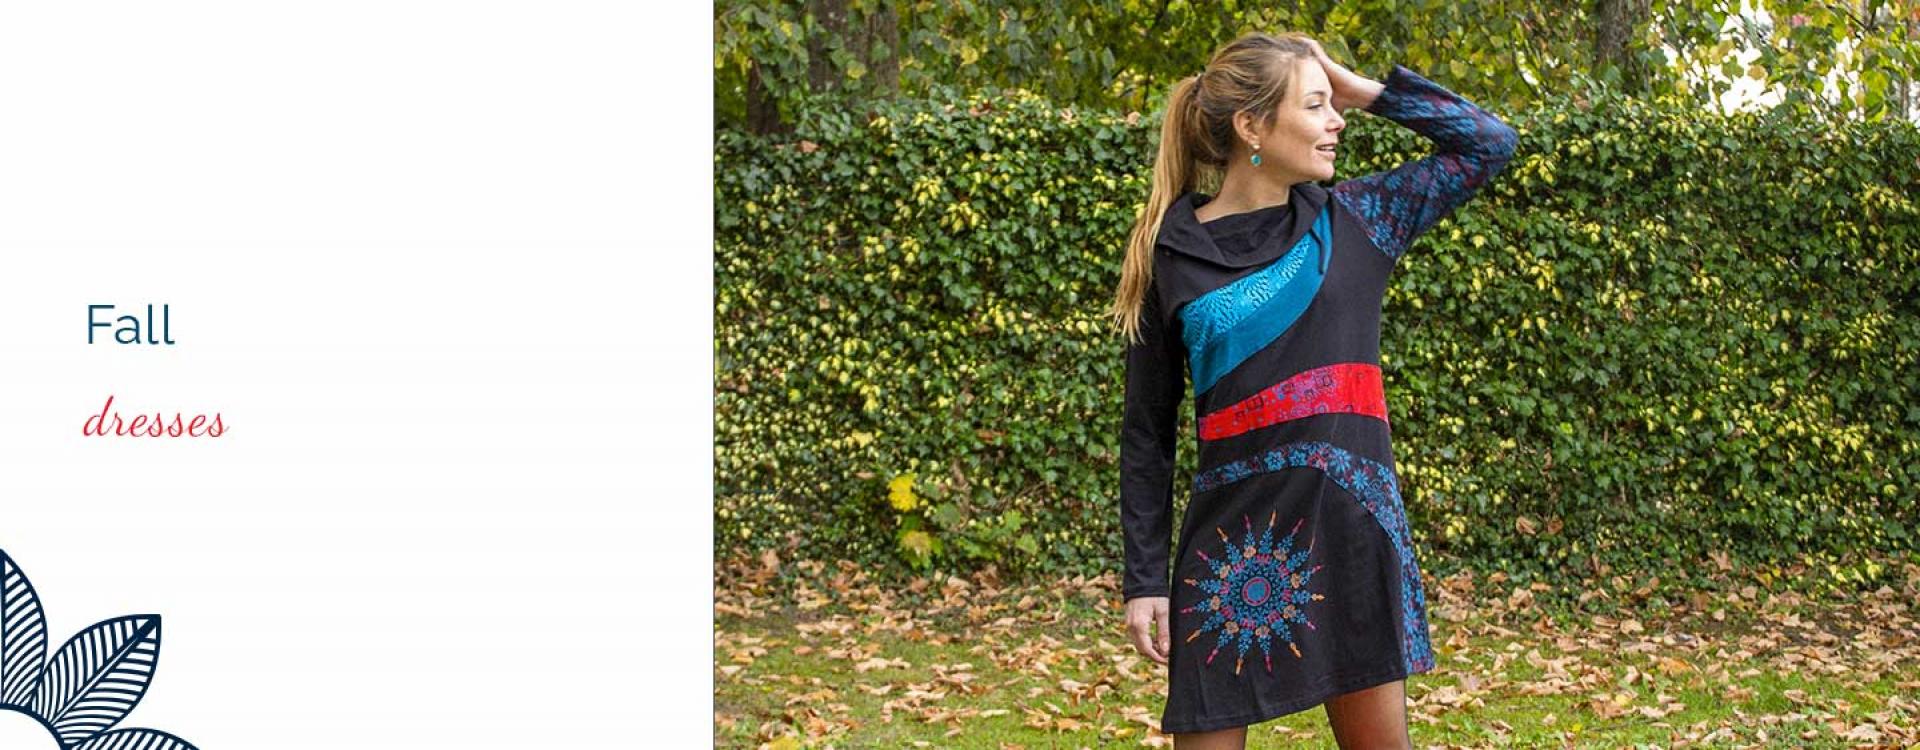 Fall dresses 2021